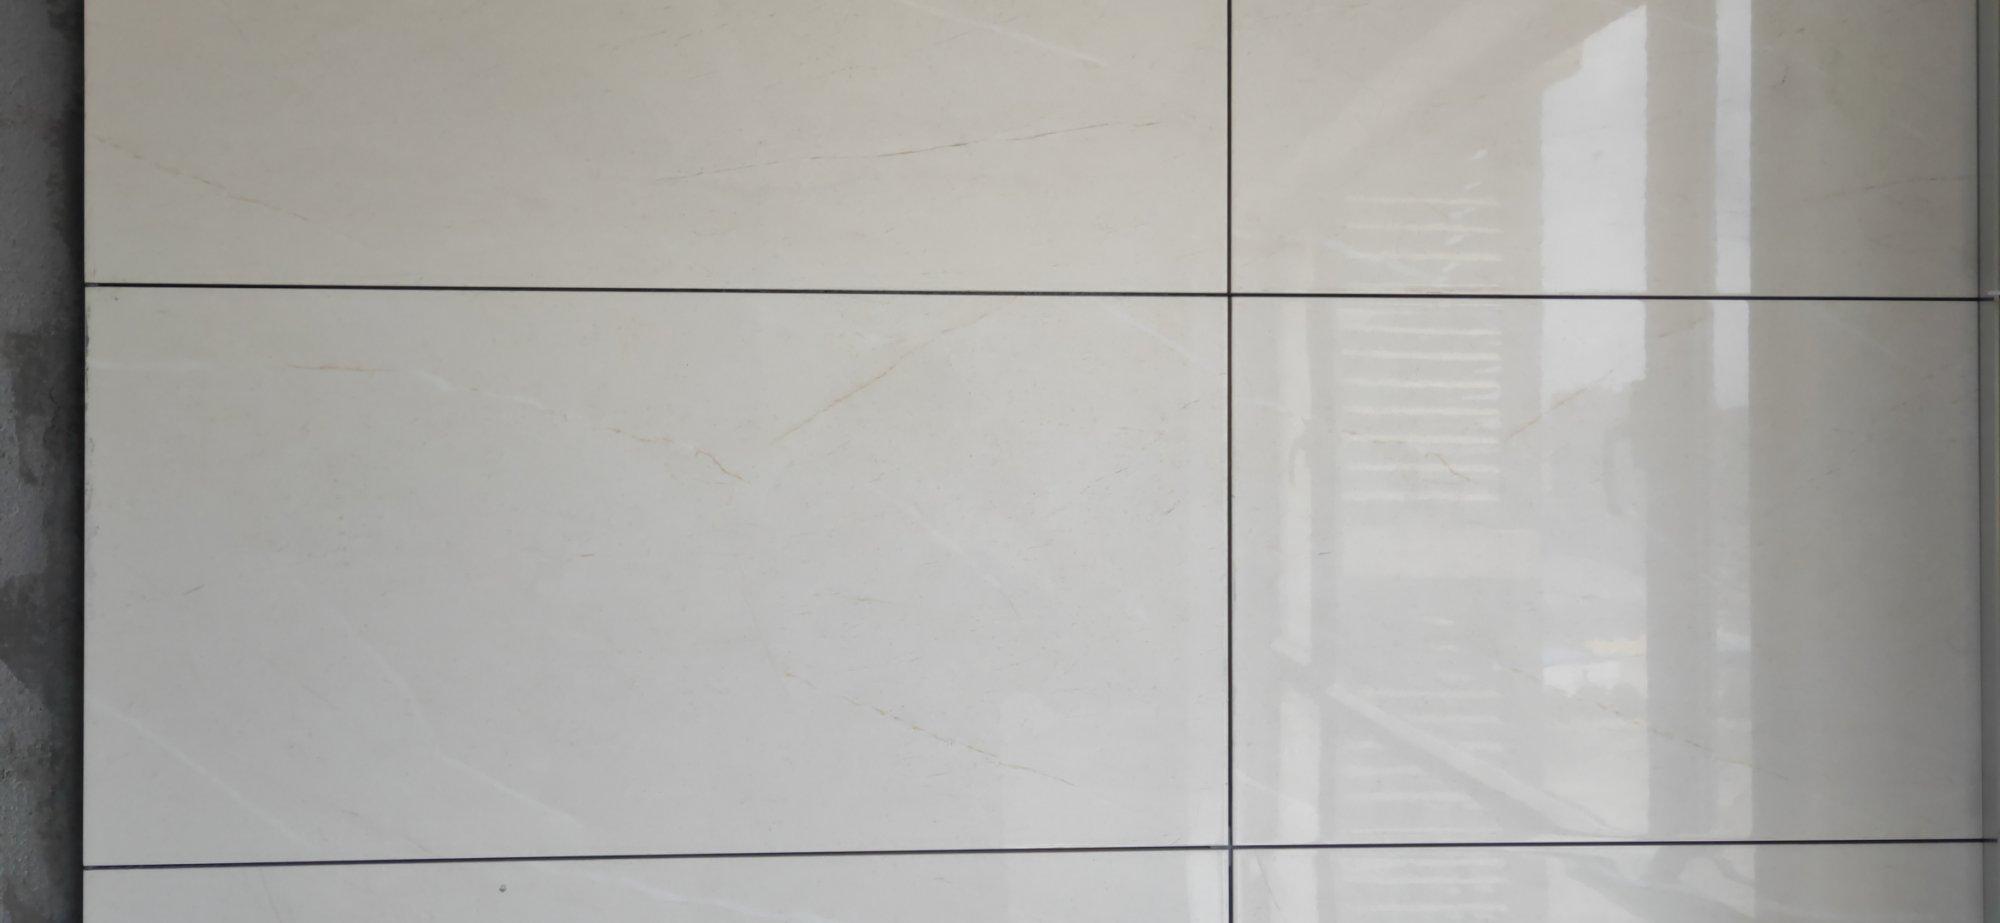 我这种颜色地砖和墙砖选择什么颜色的美缝剂好呢?推荐一下